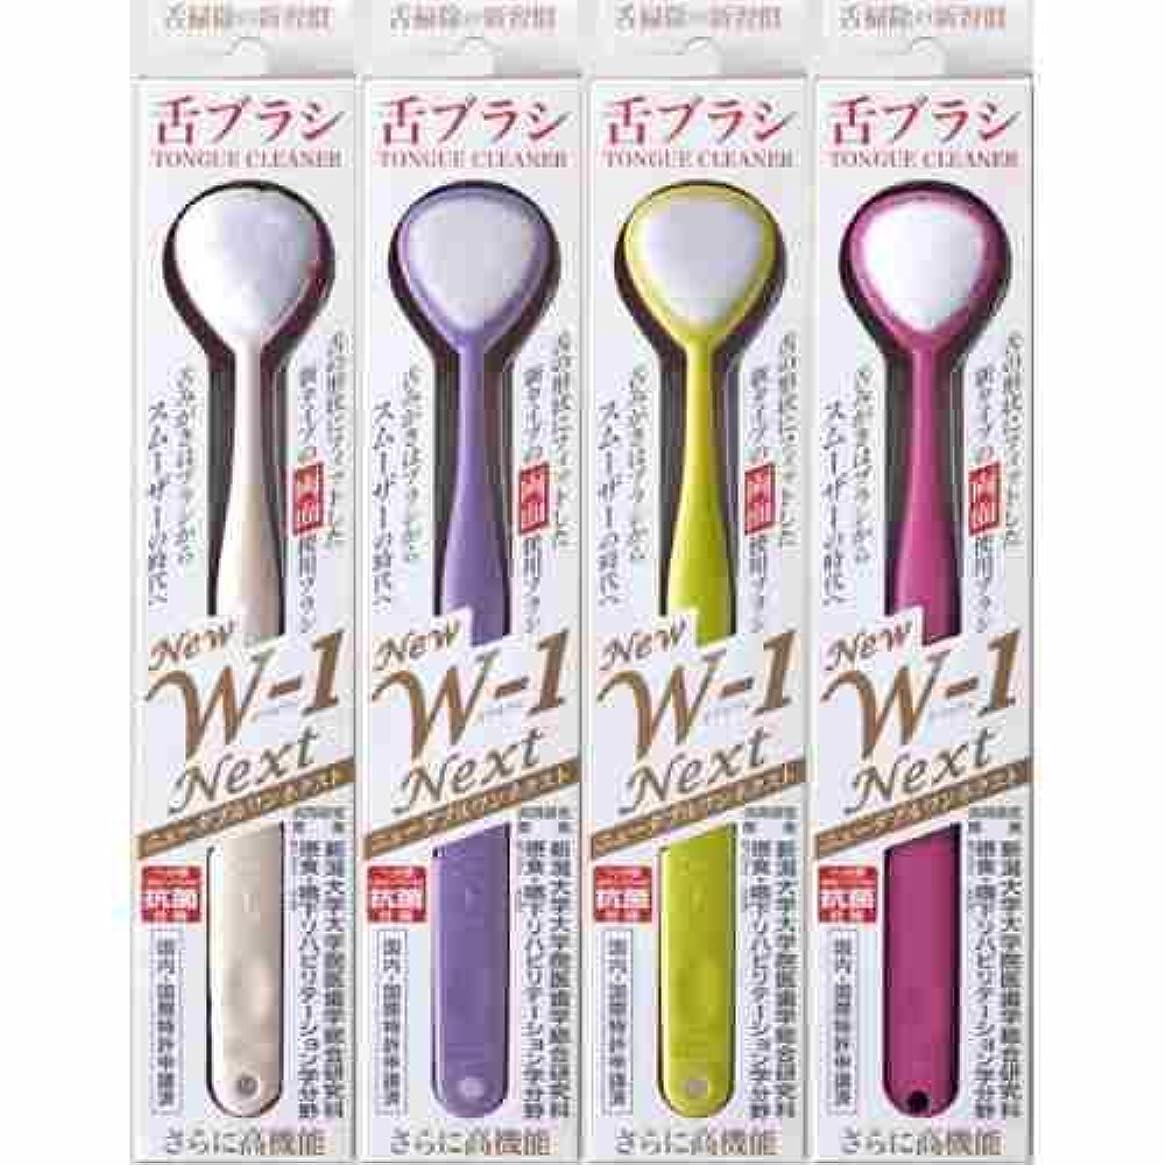 契約した消化器大胆な舌ブラシ New W-1 NEXT アソート4本セット